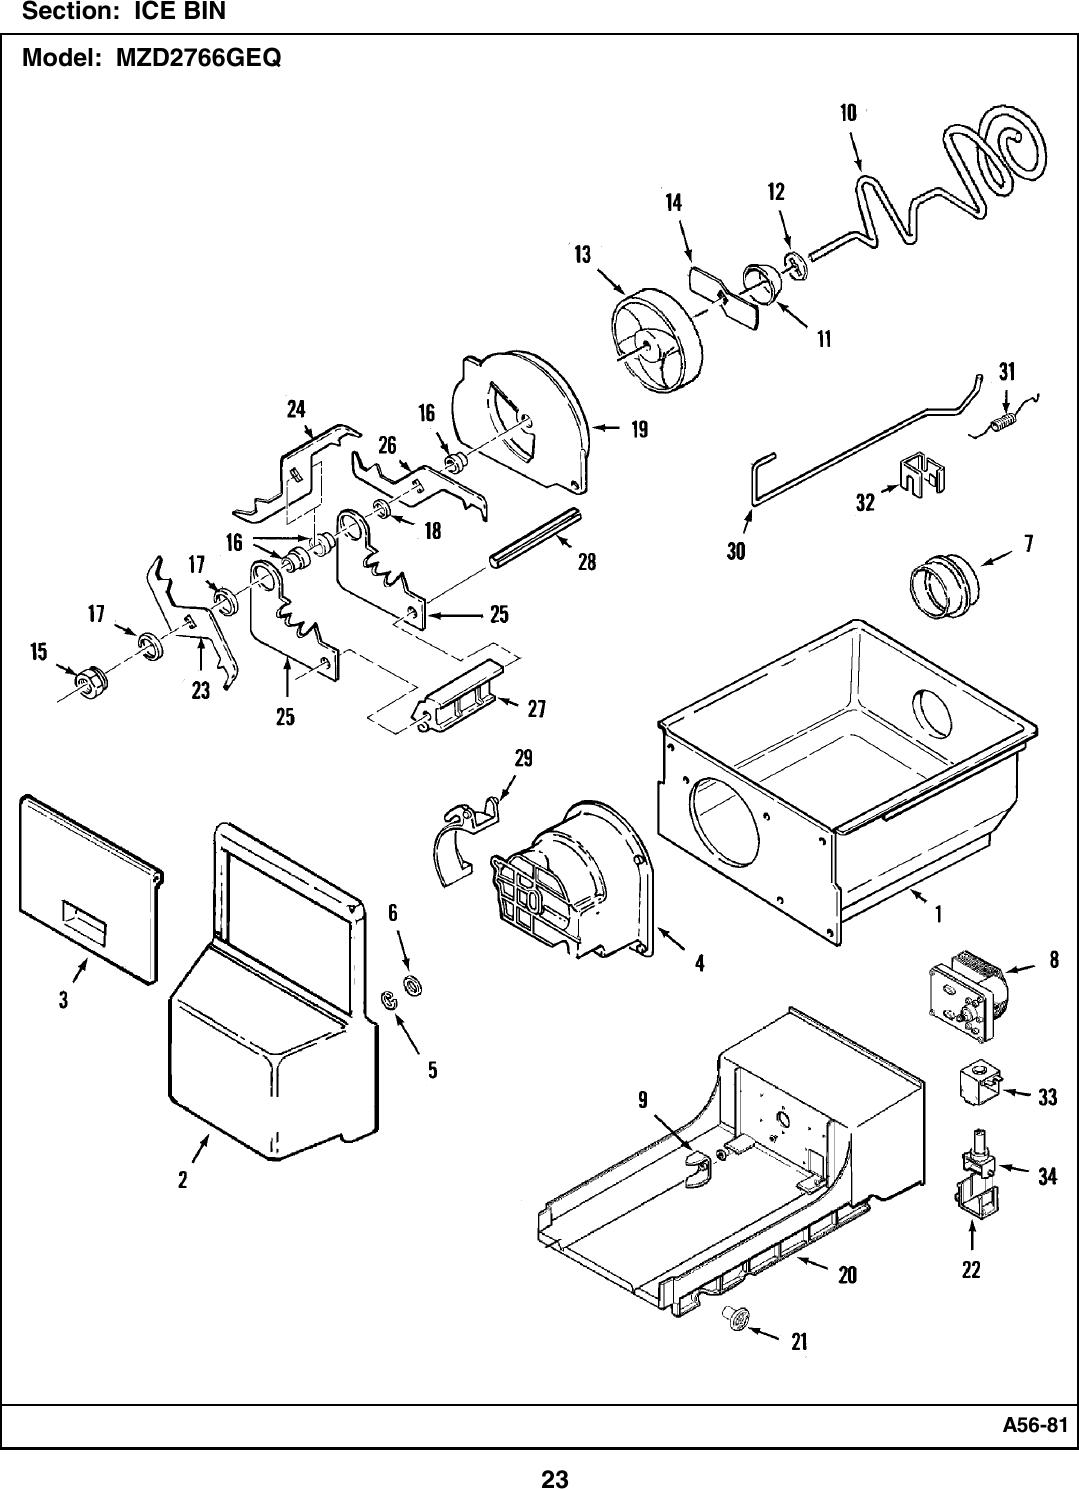 Maytag Refrigerator Mzd2766Geq Users Manual